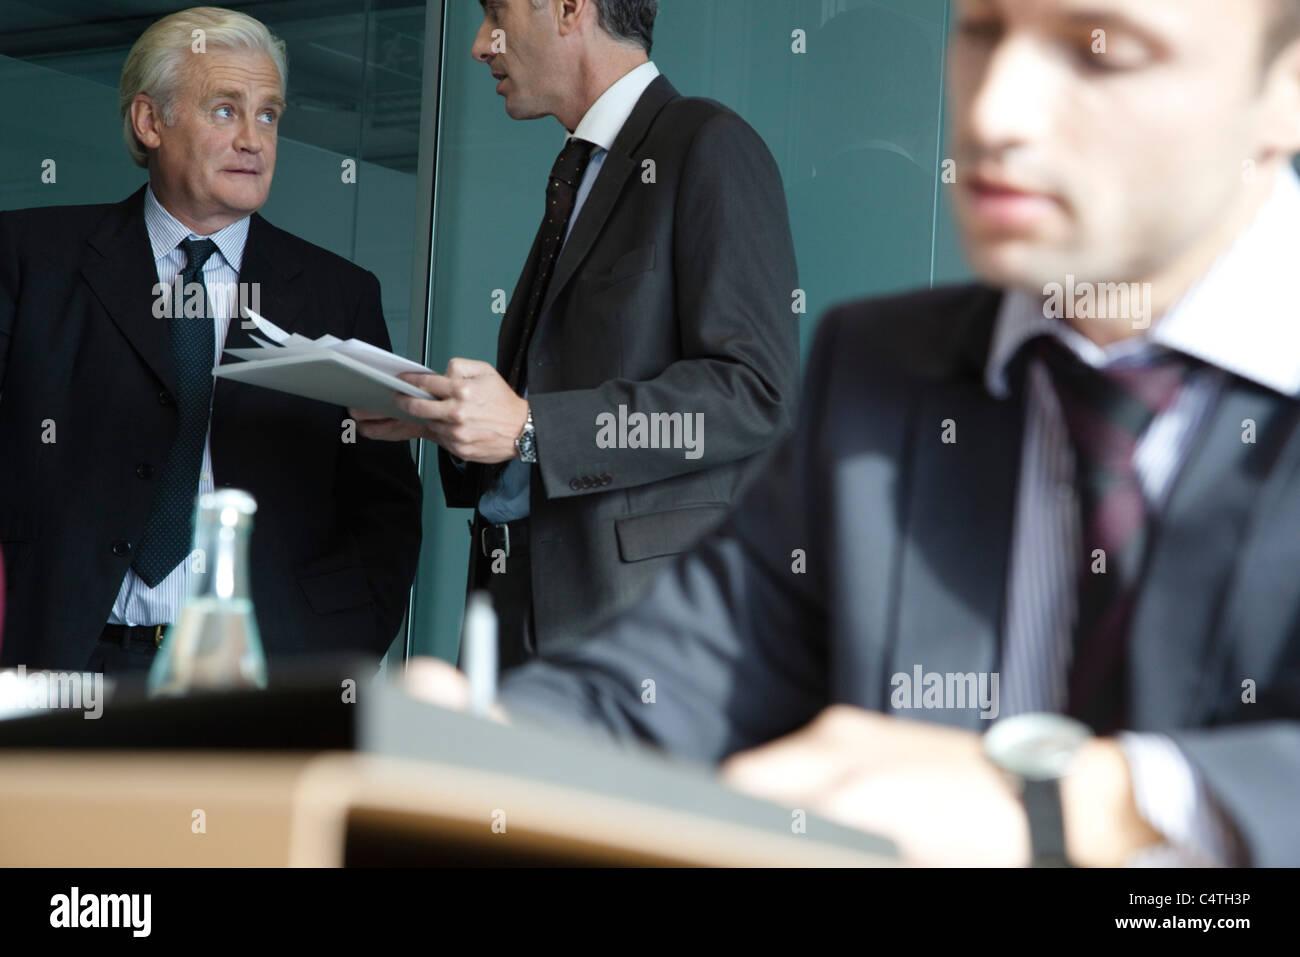 Ejecutivo en debate, joven empresario trabajando en primer plano Imagen De Stock